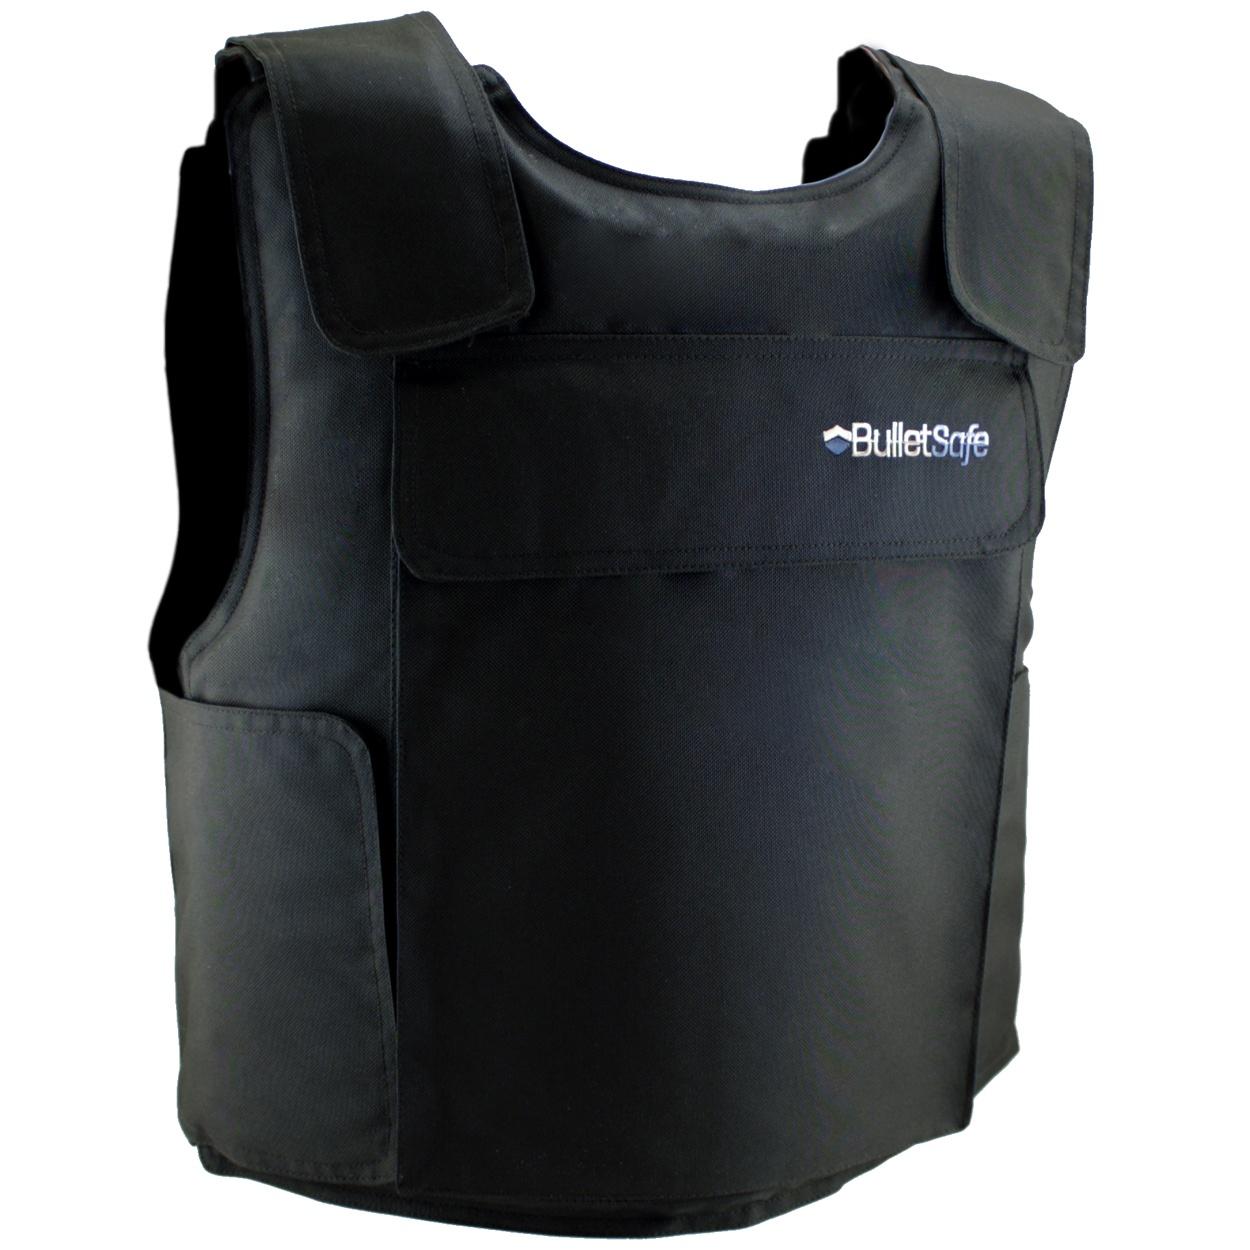 dd6e4e5e5eb BulletSafe Bulletproof Vest